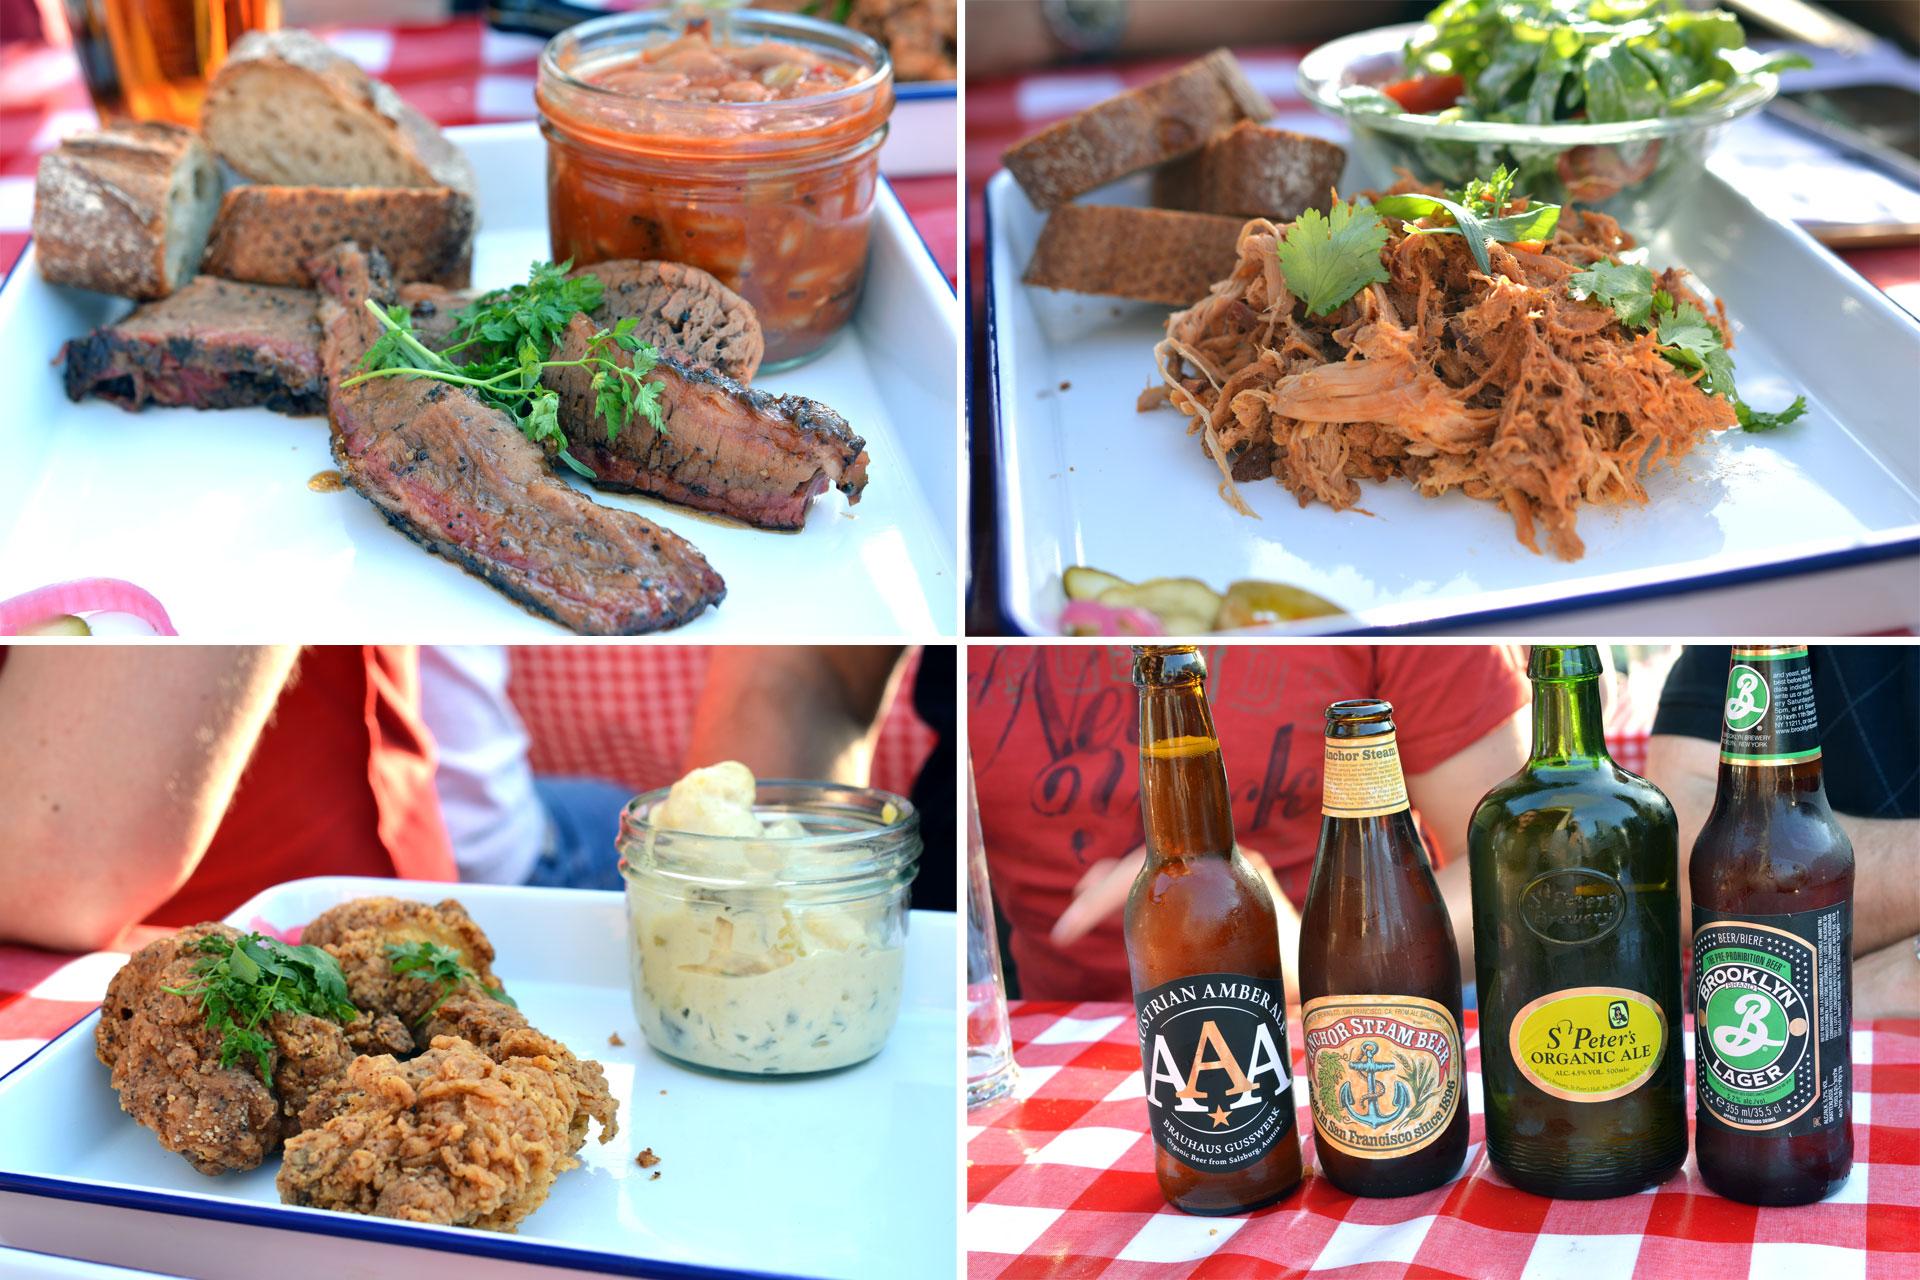 Beef Brisket, Pulled Pork, Maishendlhaxn, Craft Beer